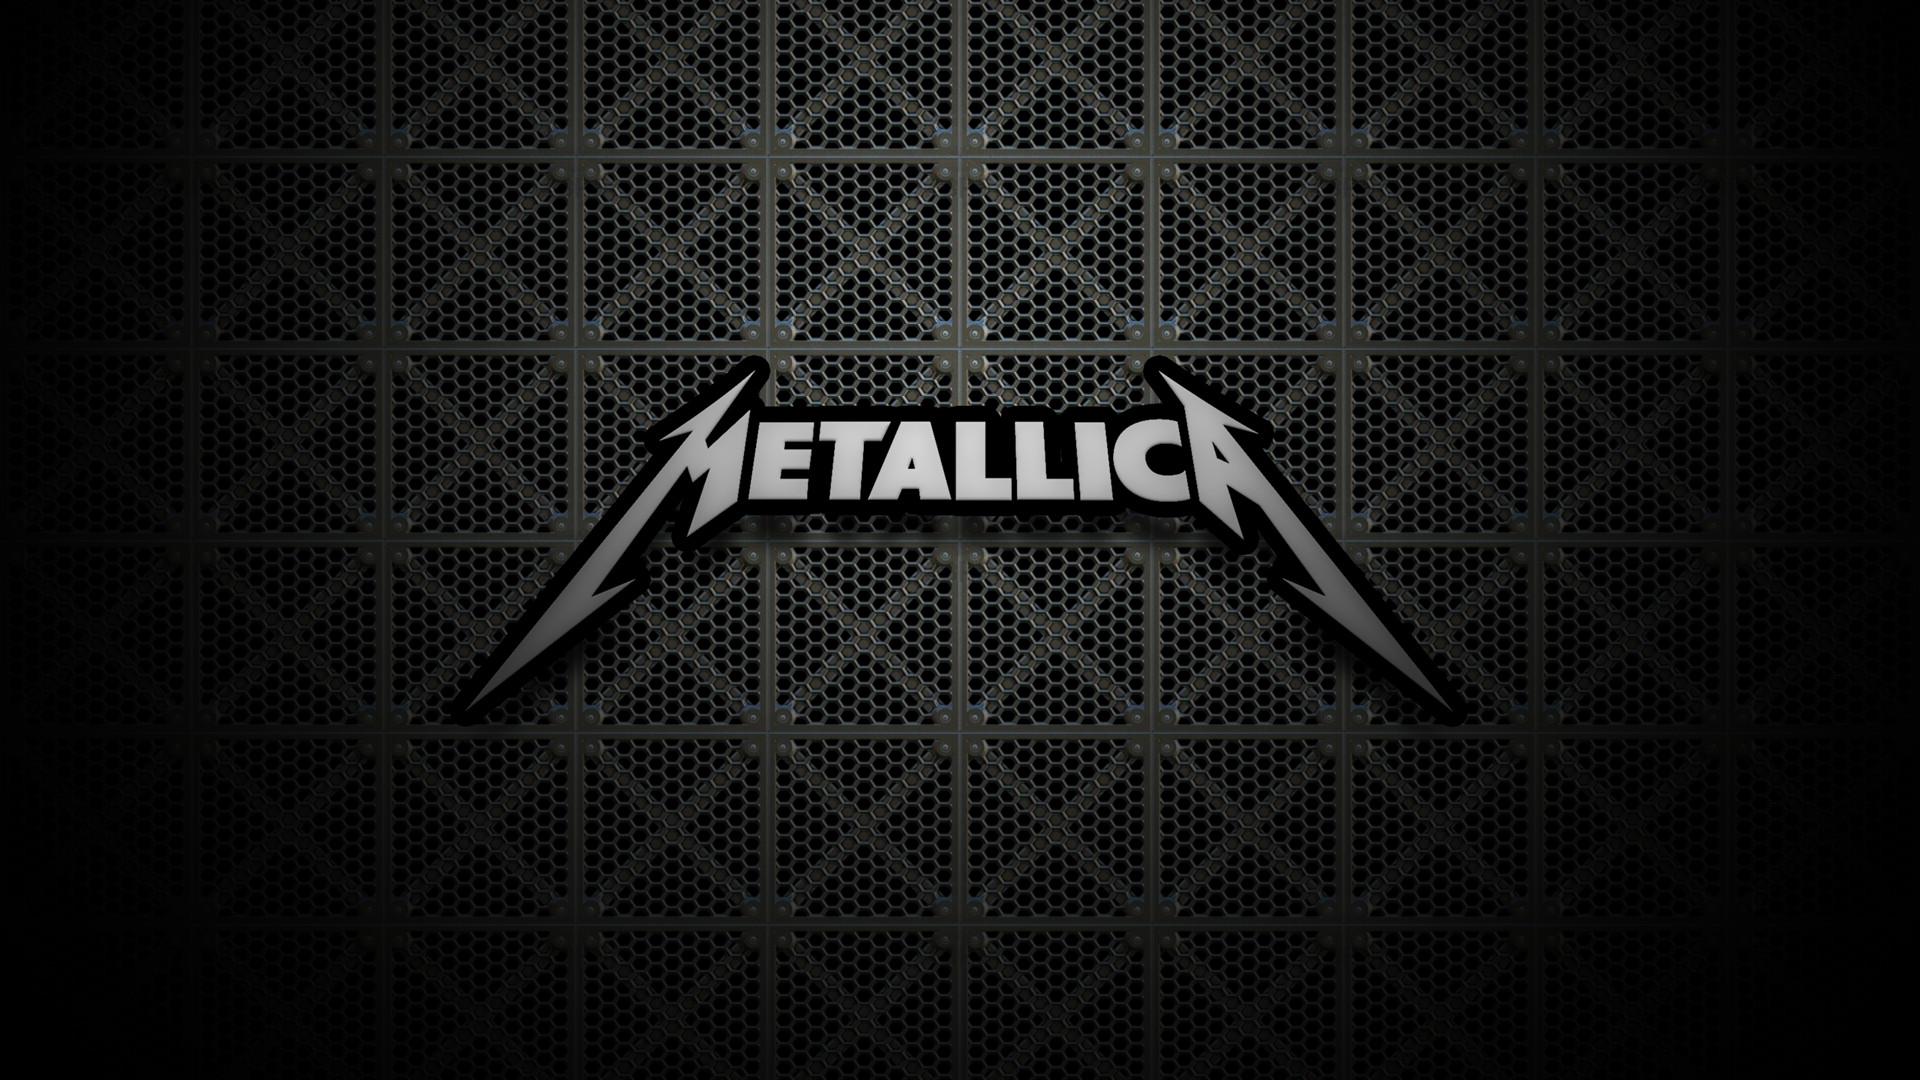 download metallica